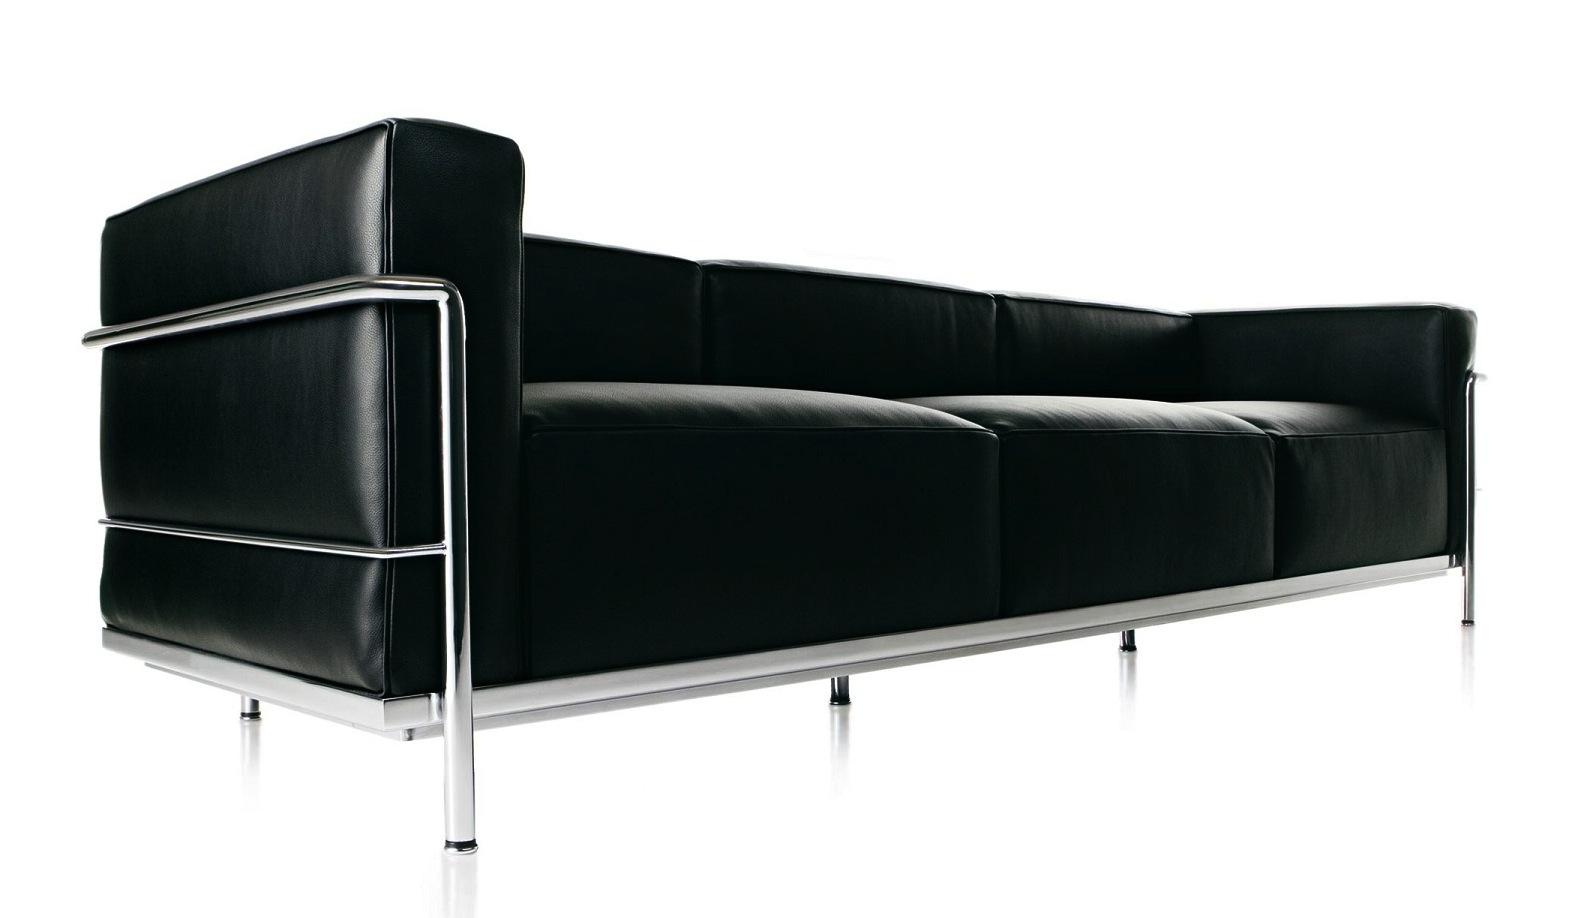 le-corbusier-extra-grande-93-.jpg